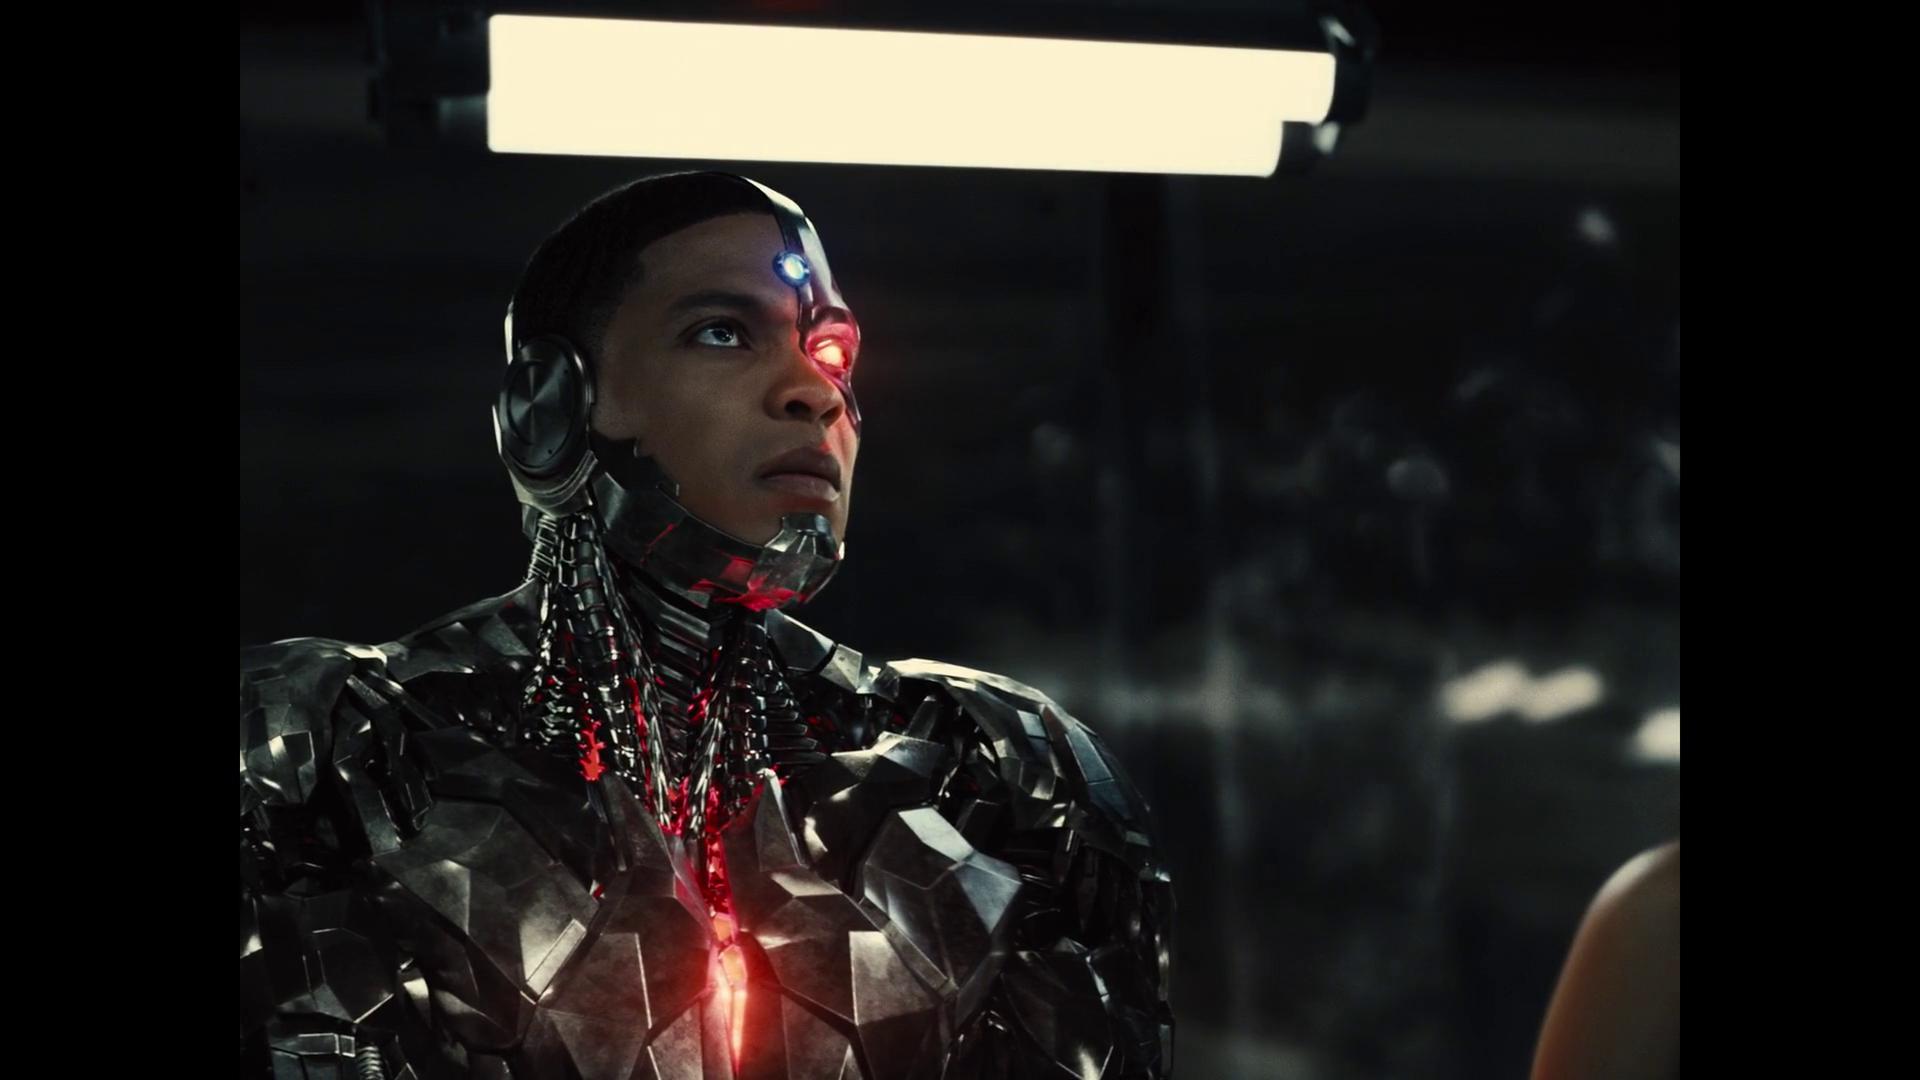 La Liga de la Justicia de Zack Snyder (2021) 1080p 60FPS WEB-DL Latino